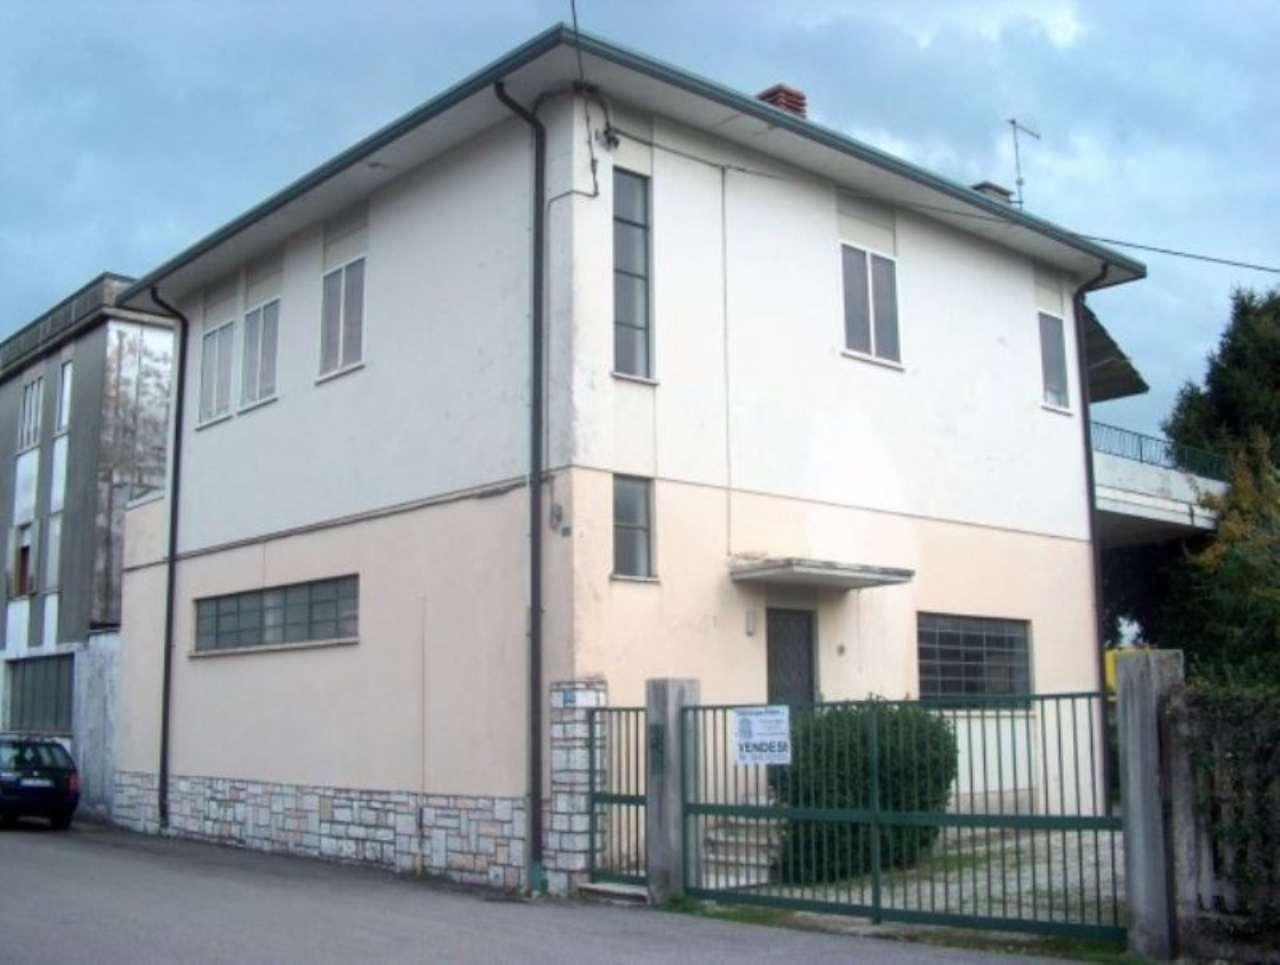 Villa in vendita a Schio, 6 locali, prezzo € 179.000 | Cambio Casa.it